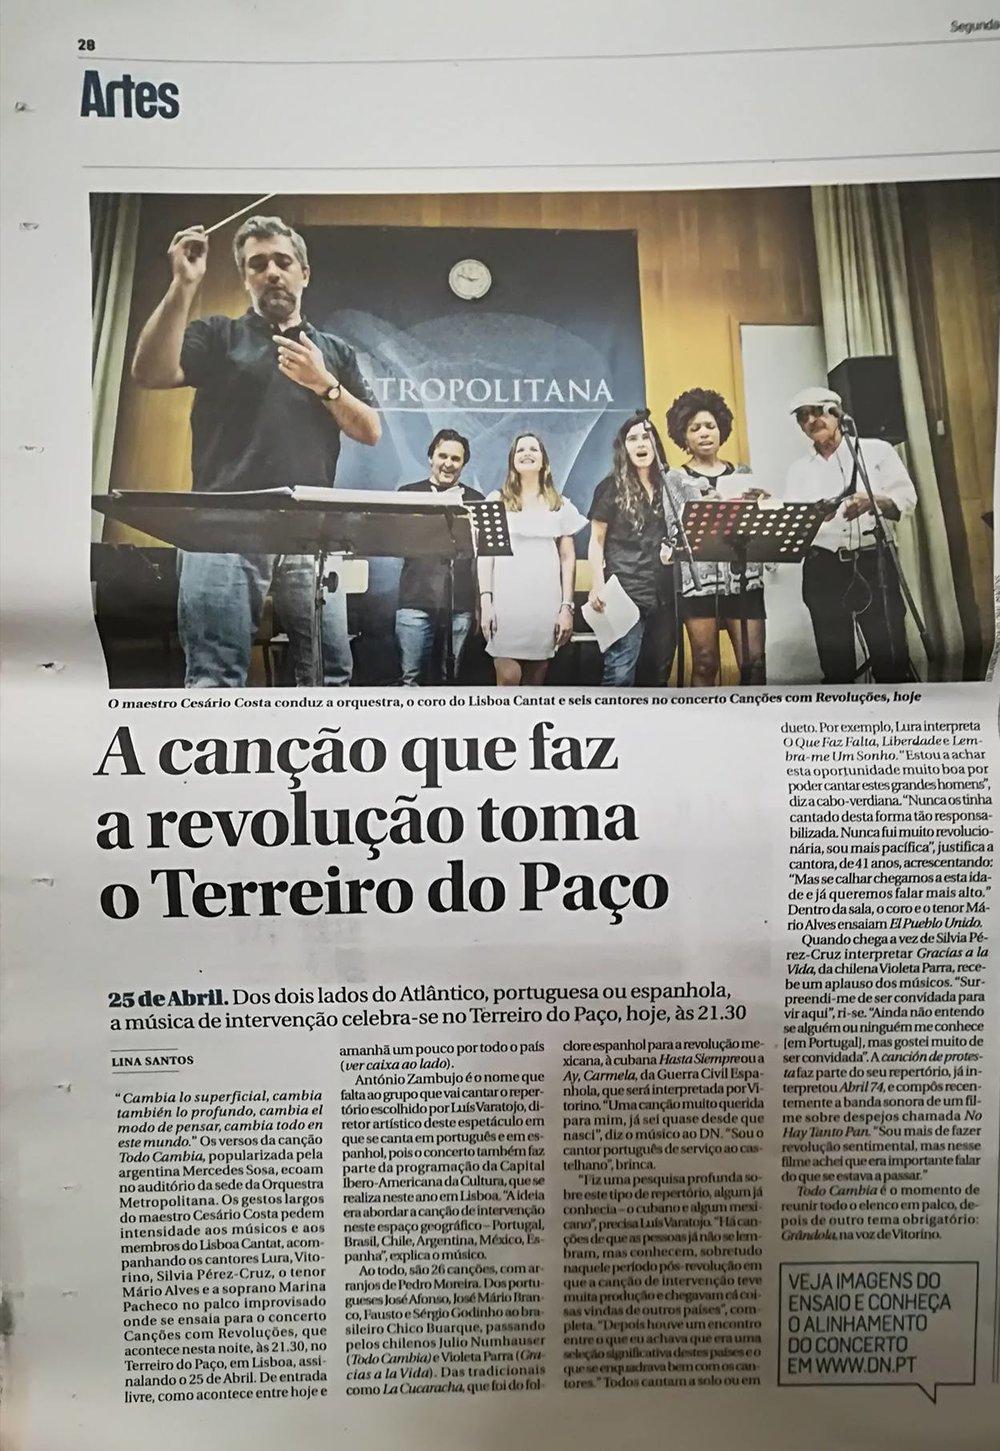 In Diário de Notícias